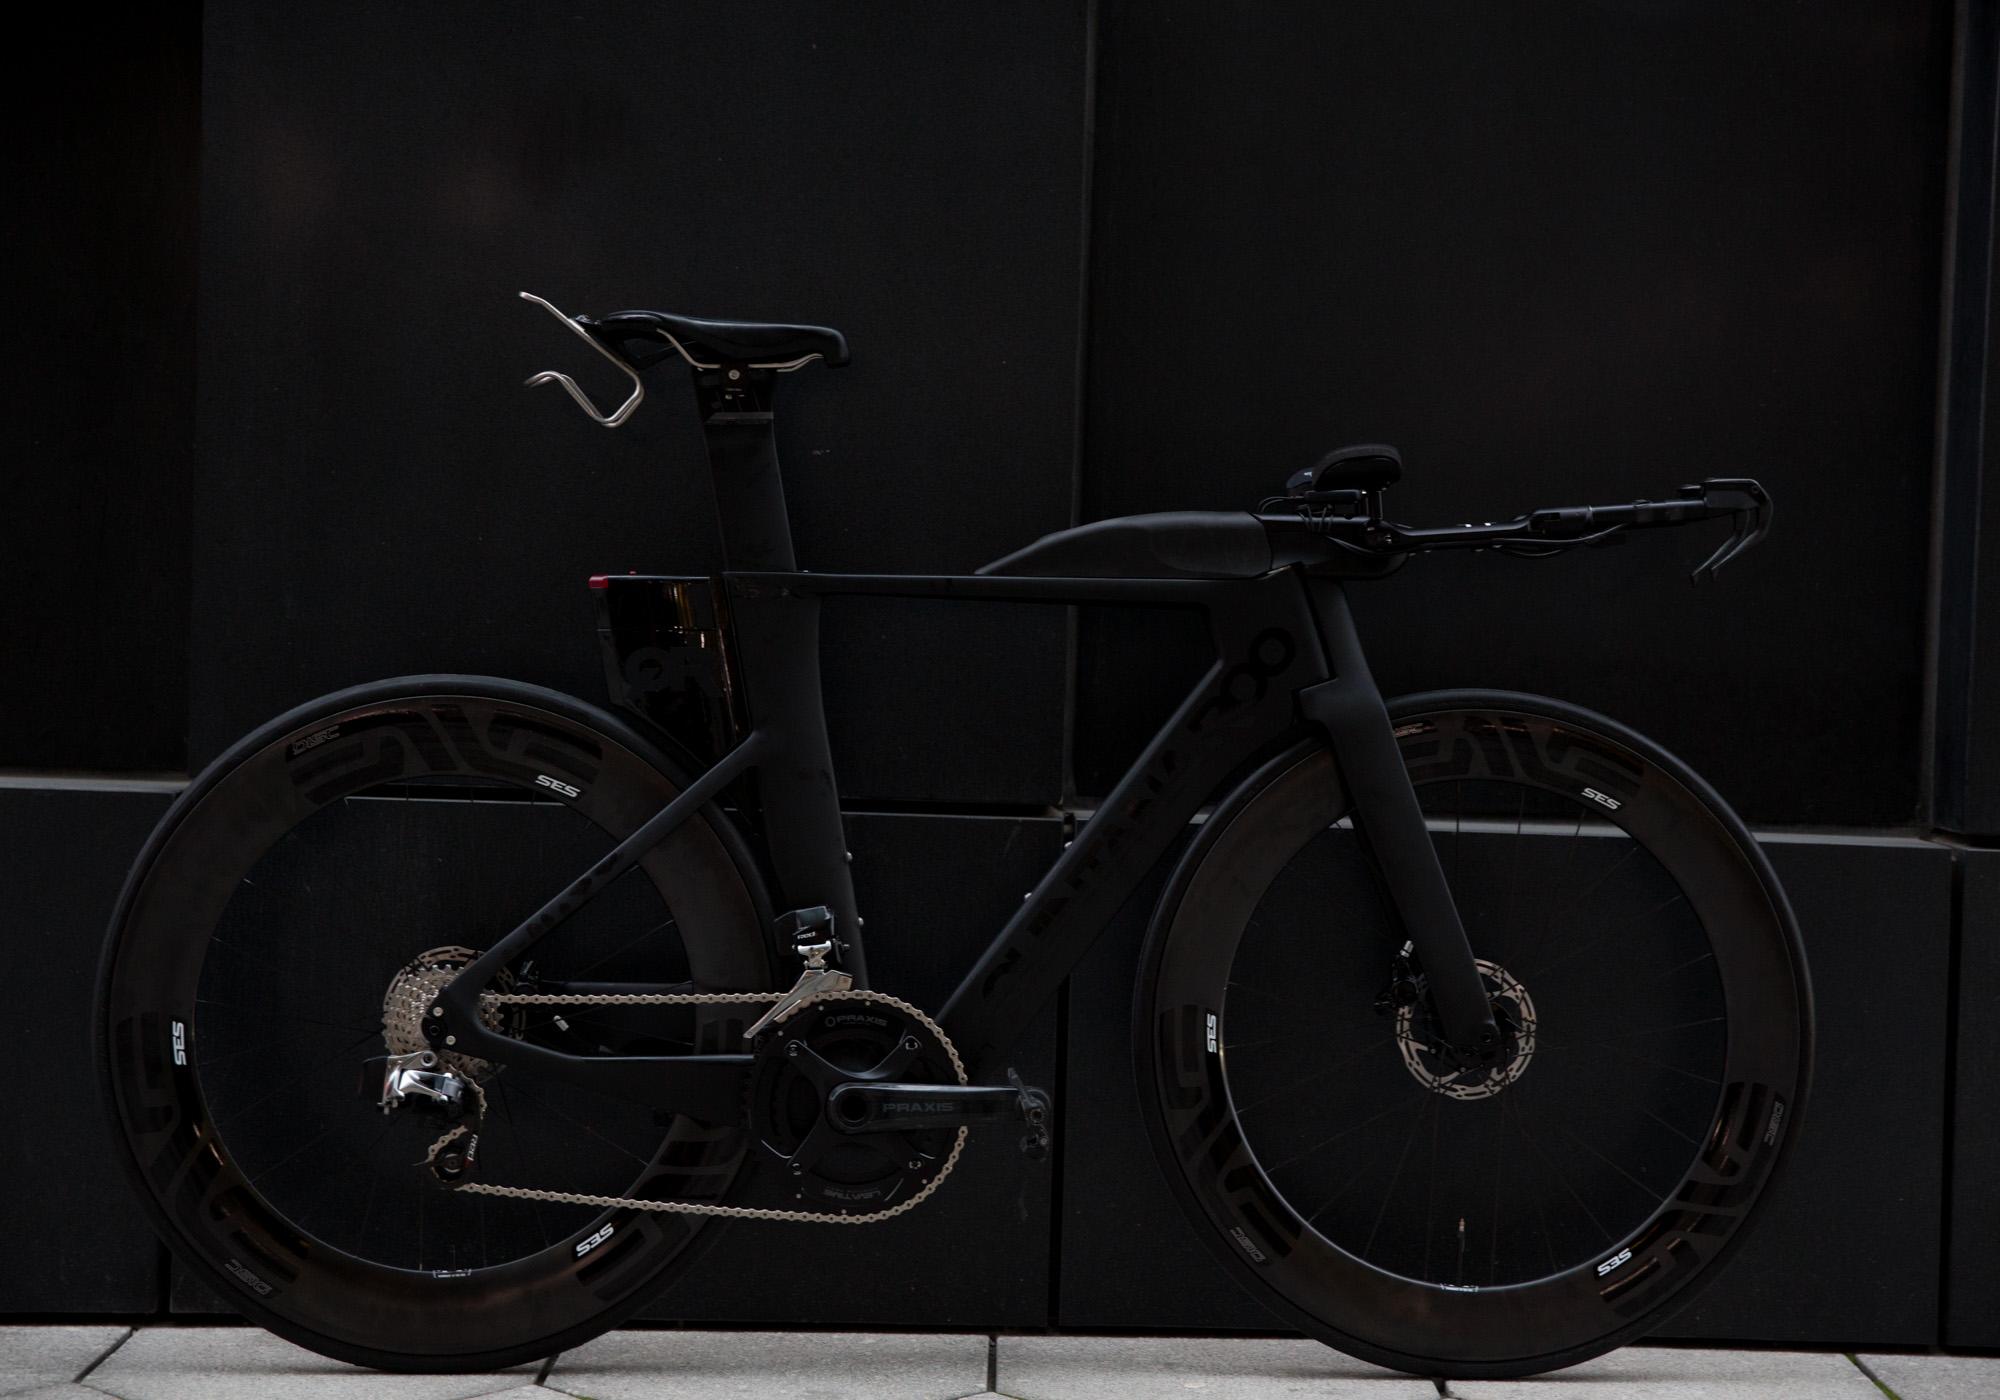 Black Bike Pornos Junge Fick groß dick